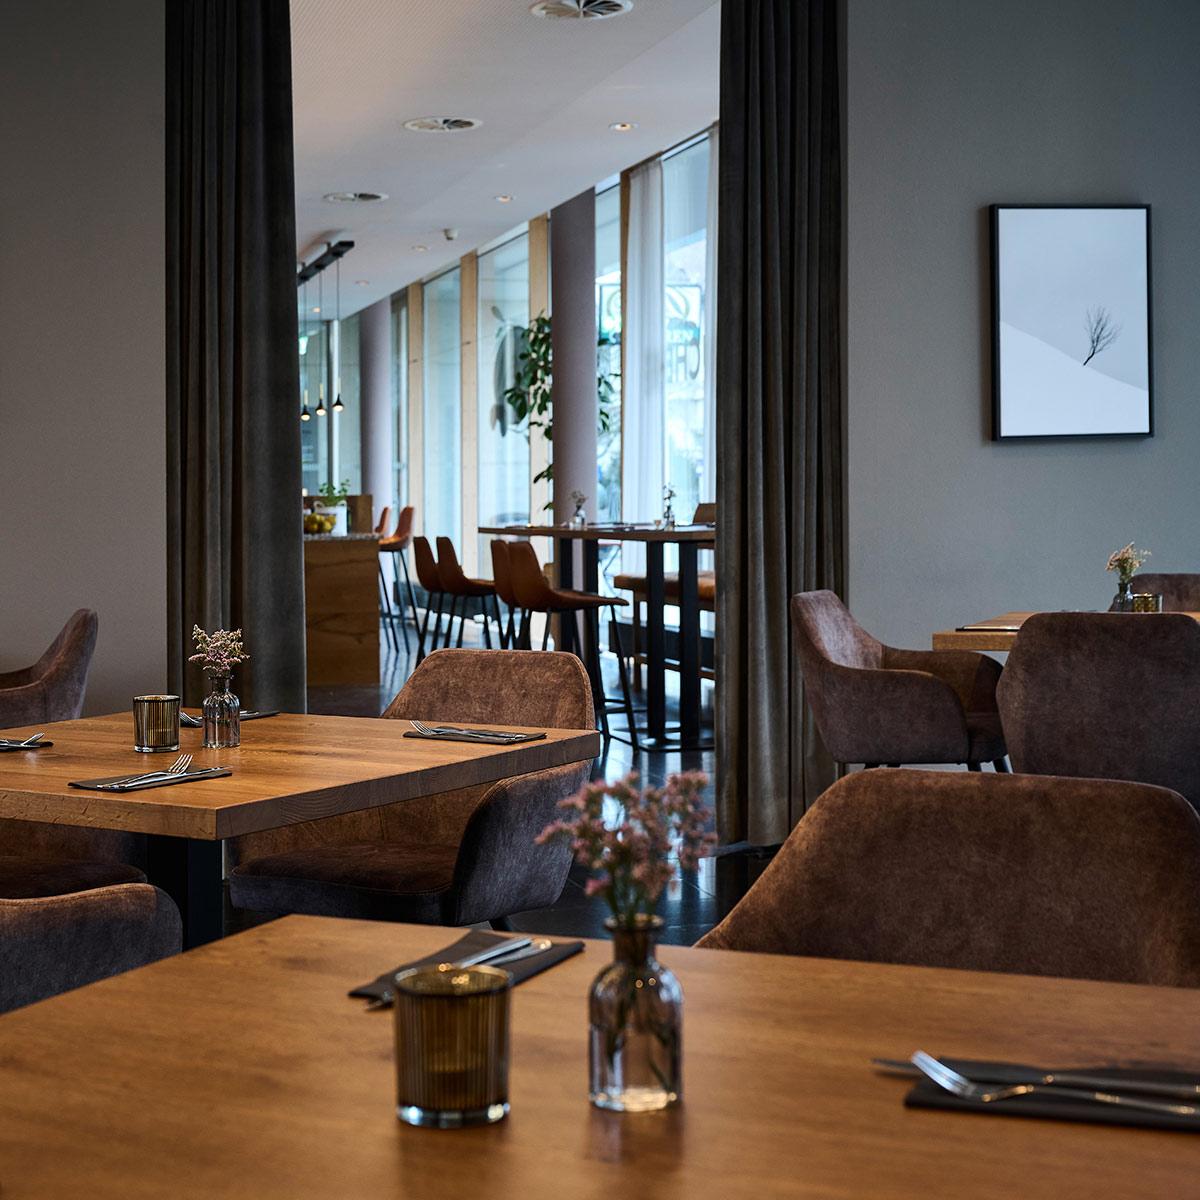 Einblicke ins Restaurant